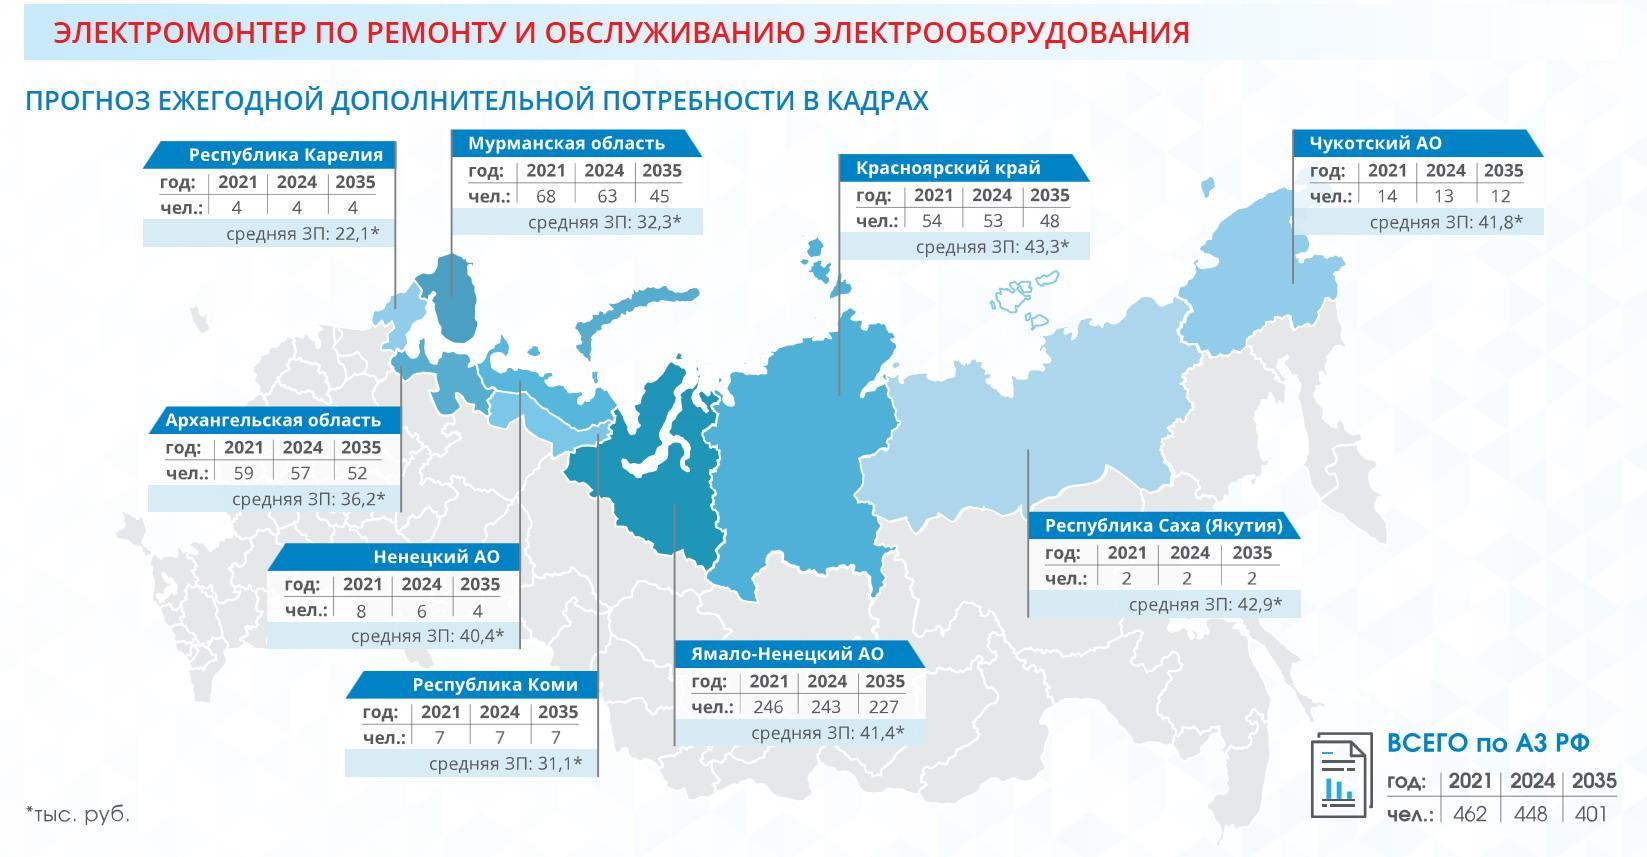 Электромонтер по ремонту и обслуживанию электрооборудования в Арктике з/п и открытых место сколько